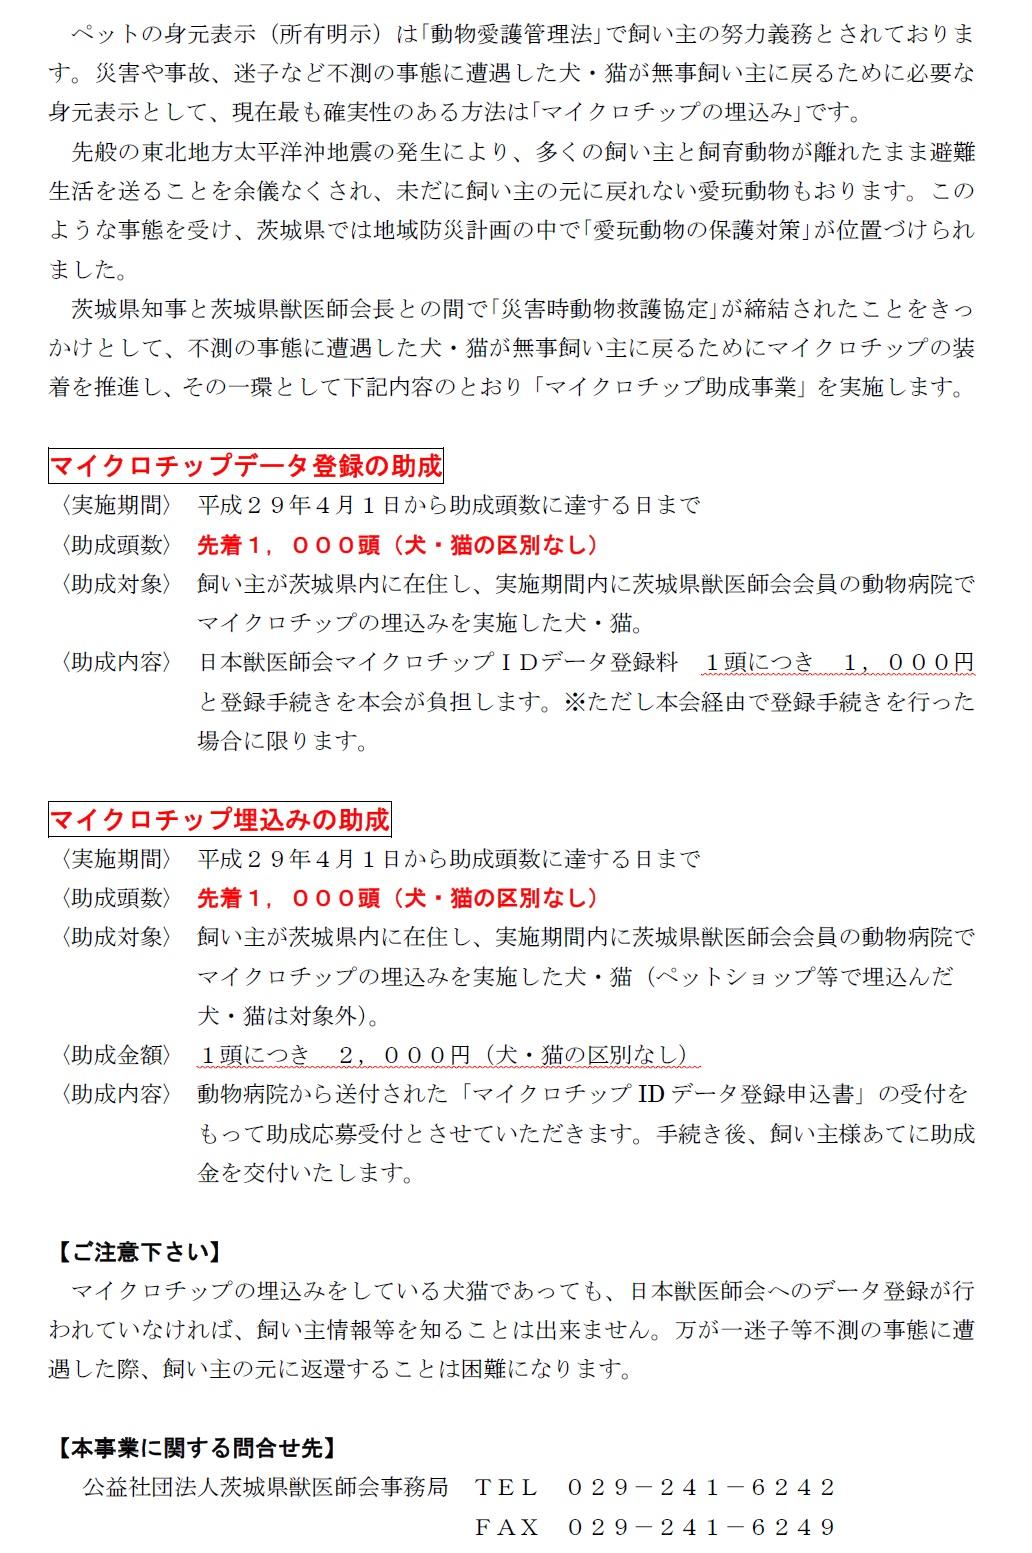 『『H29茨城県獣医師会「マイクロチップ助成事業」』の画像』の画像